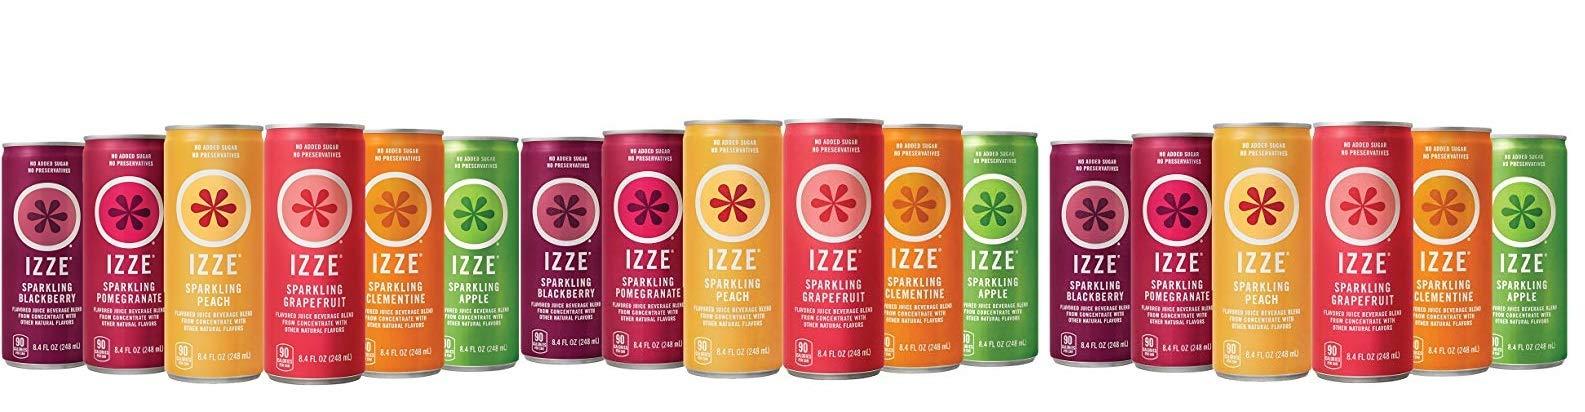 IZZE KIGF Sparkling GSWAe Juice, 6 Flavor Sampler Variety Pack, 8.4oz Cans, 3 Pack of 12 Count